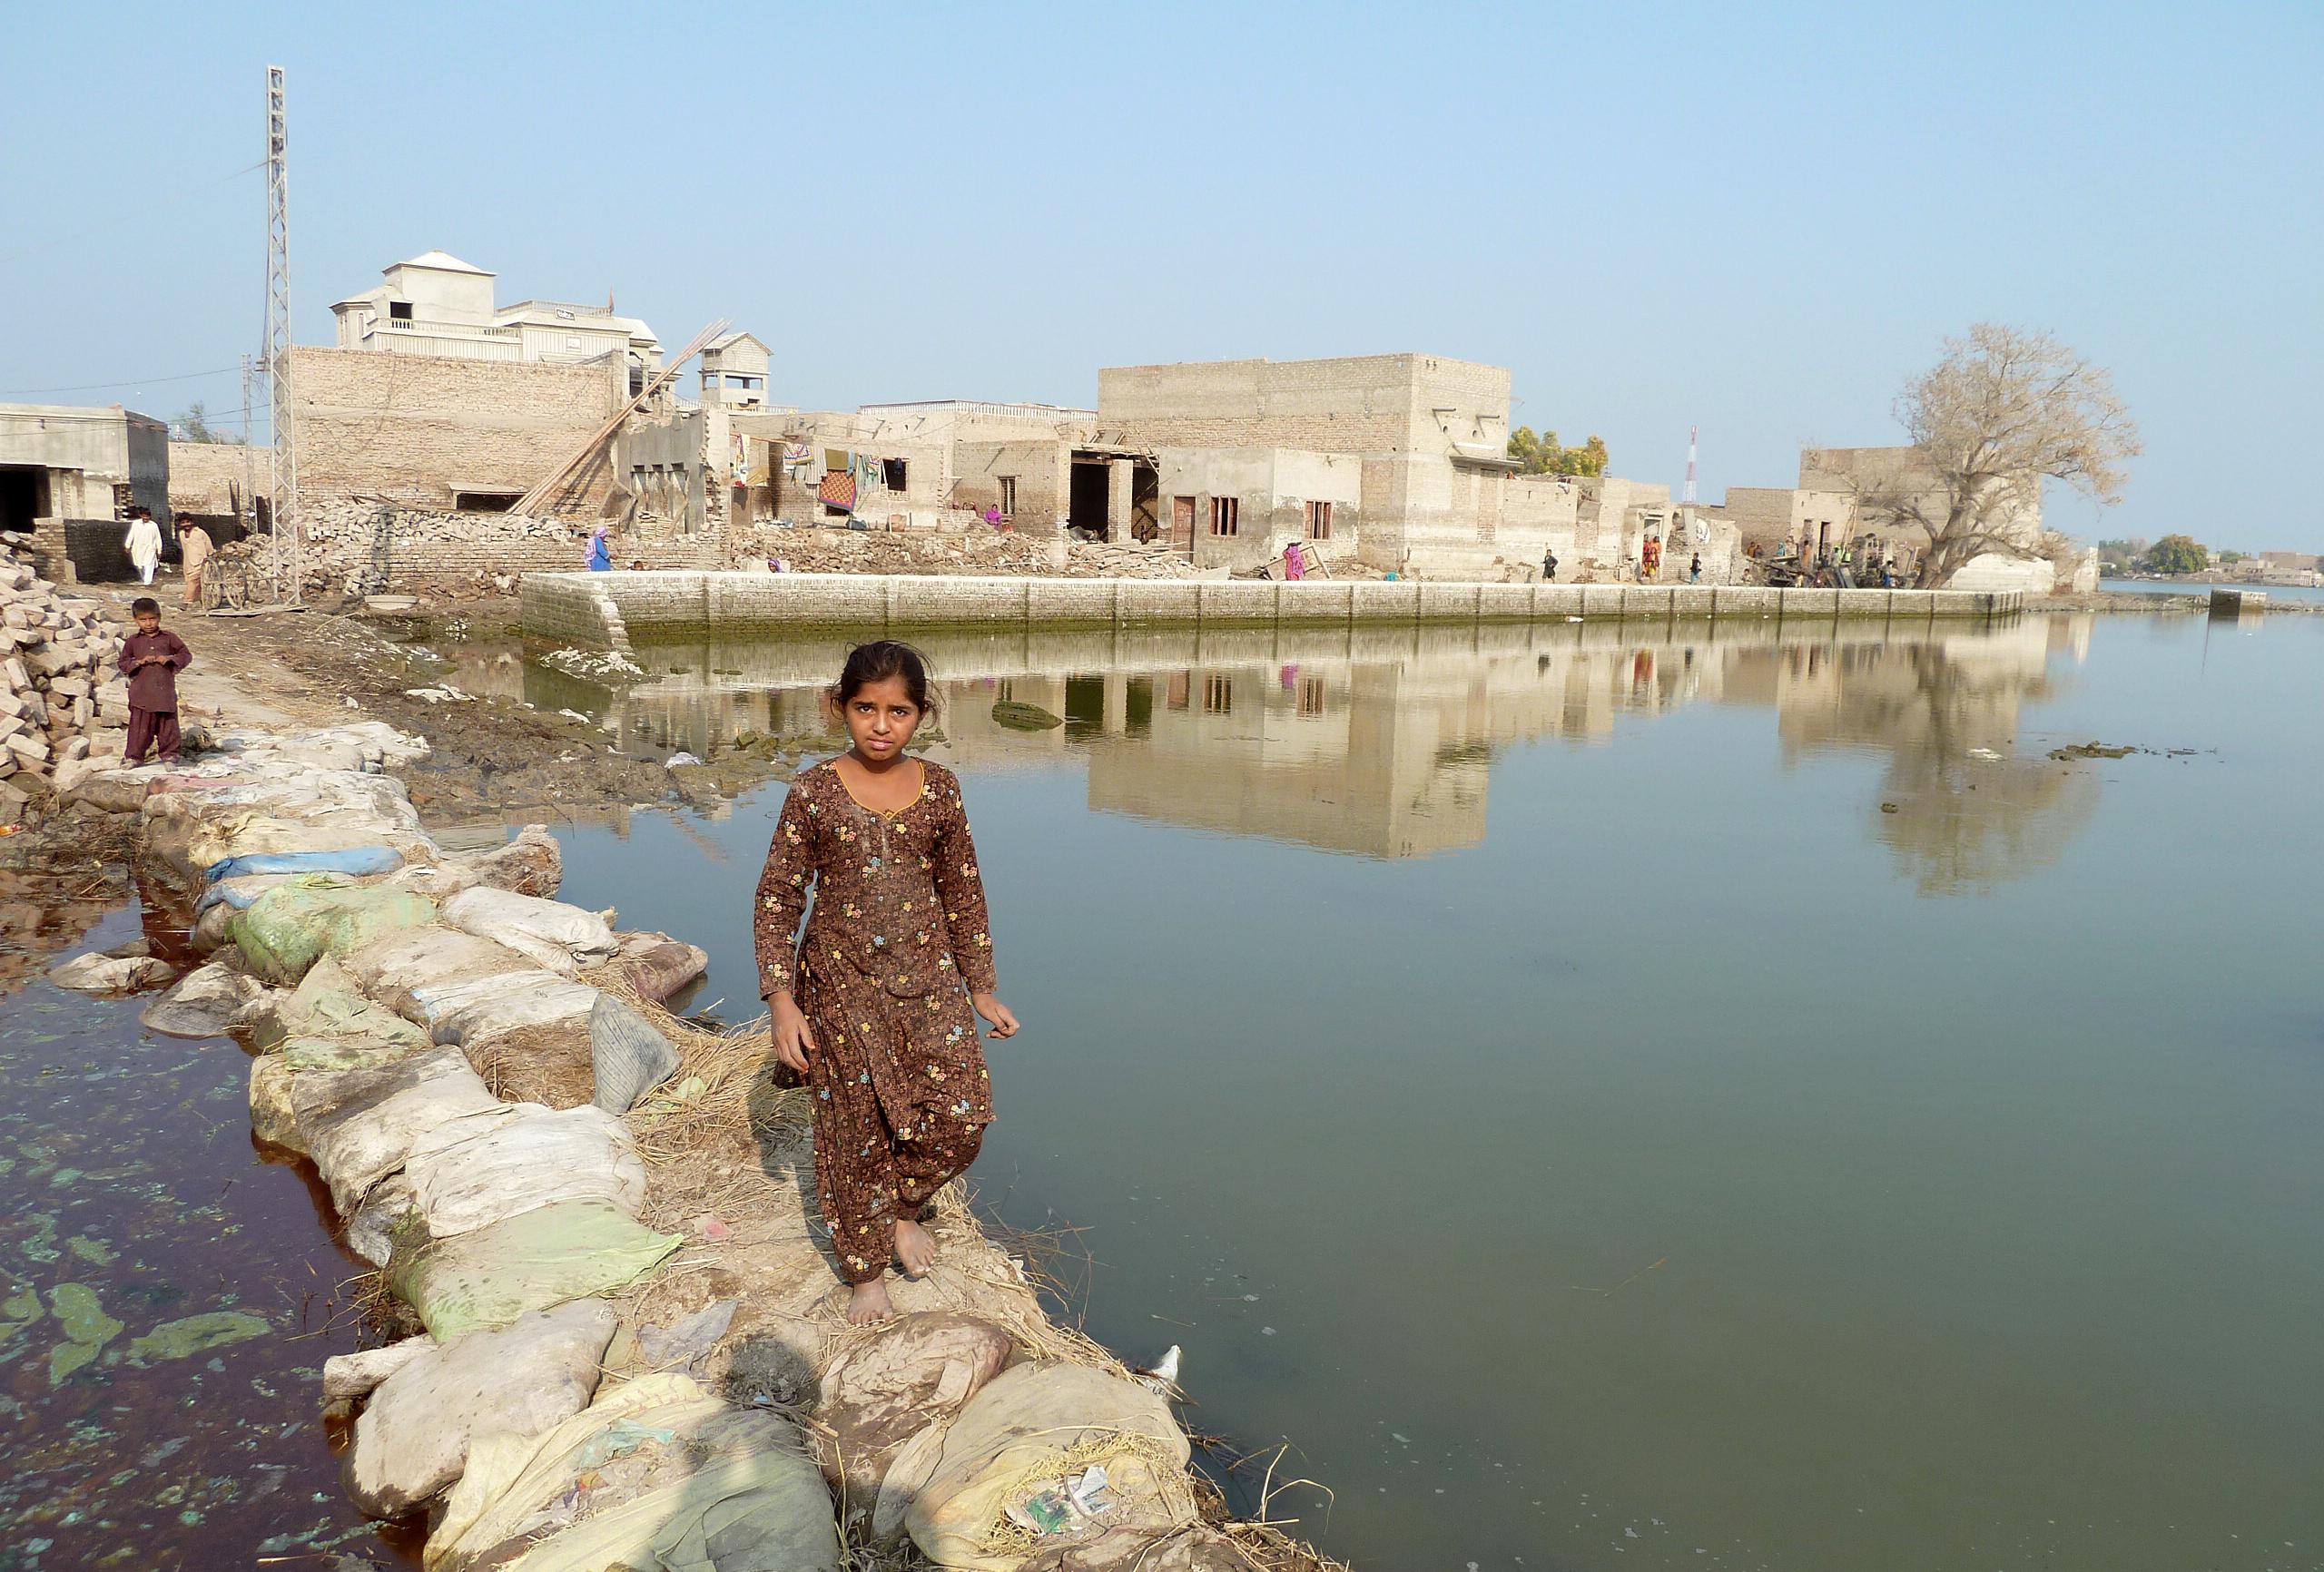 Ein junges Mädchen steht auf einer Behelfsbrücke aus Sandsäcken, nach einer Überflutung in der Provinz Sindh in Pakistan.